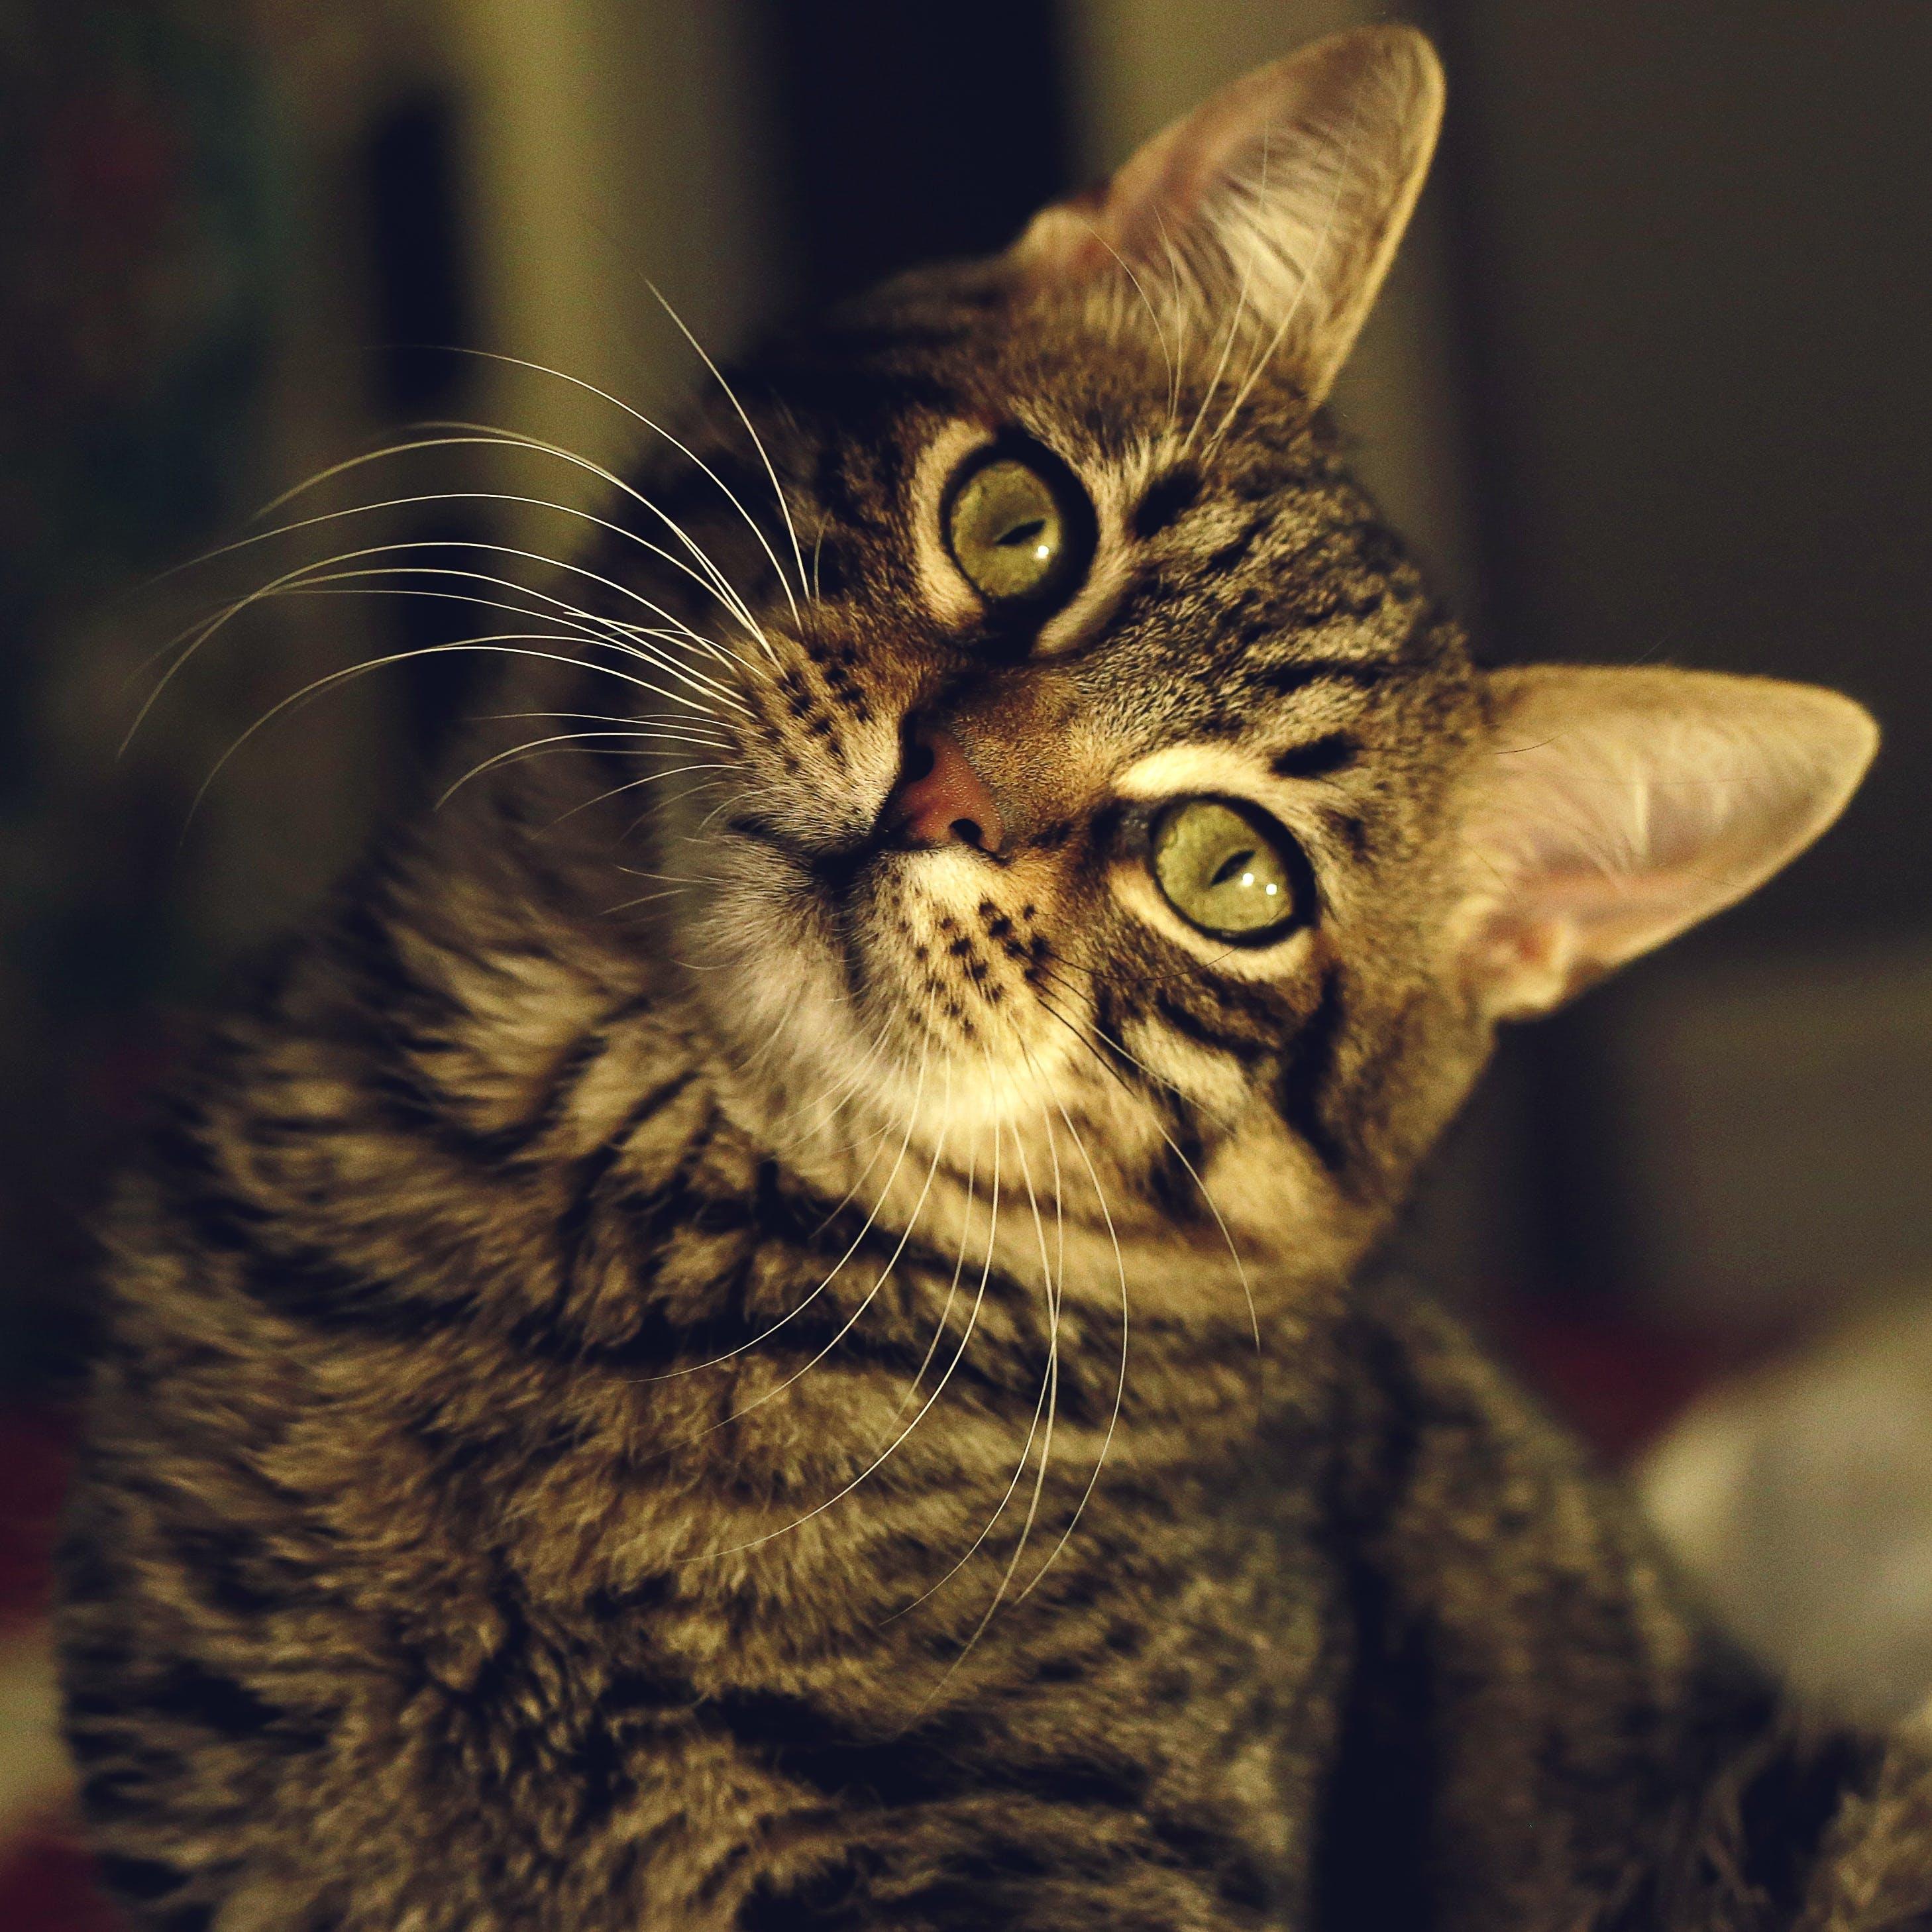 Gratis lagerfoto af close-up, dyr, hjemlig, kat